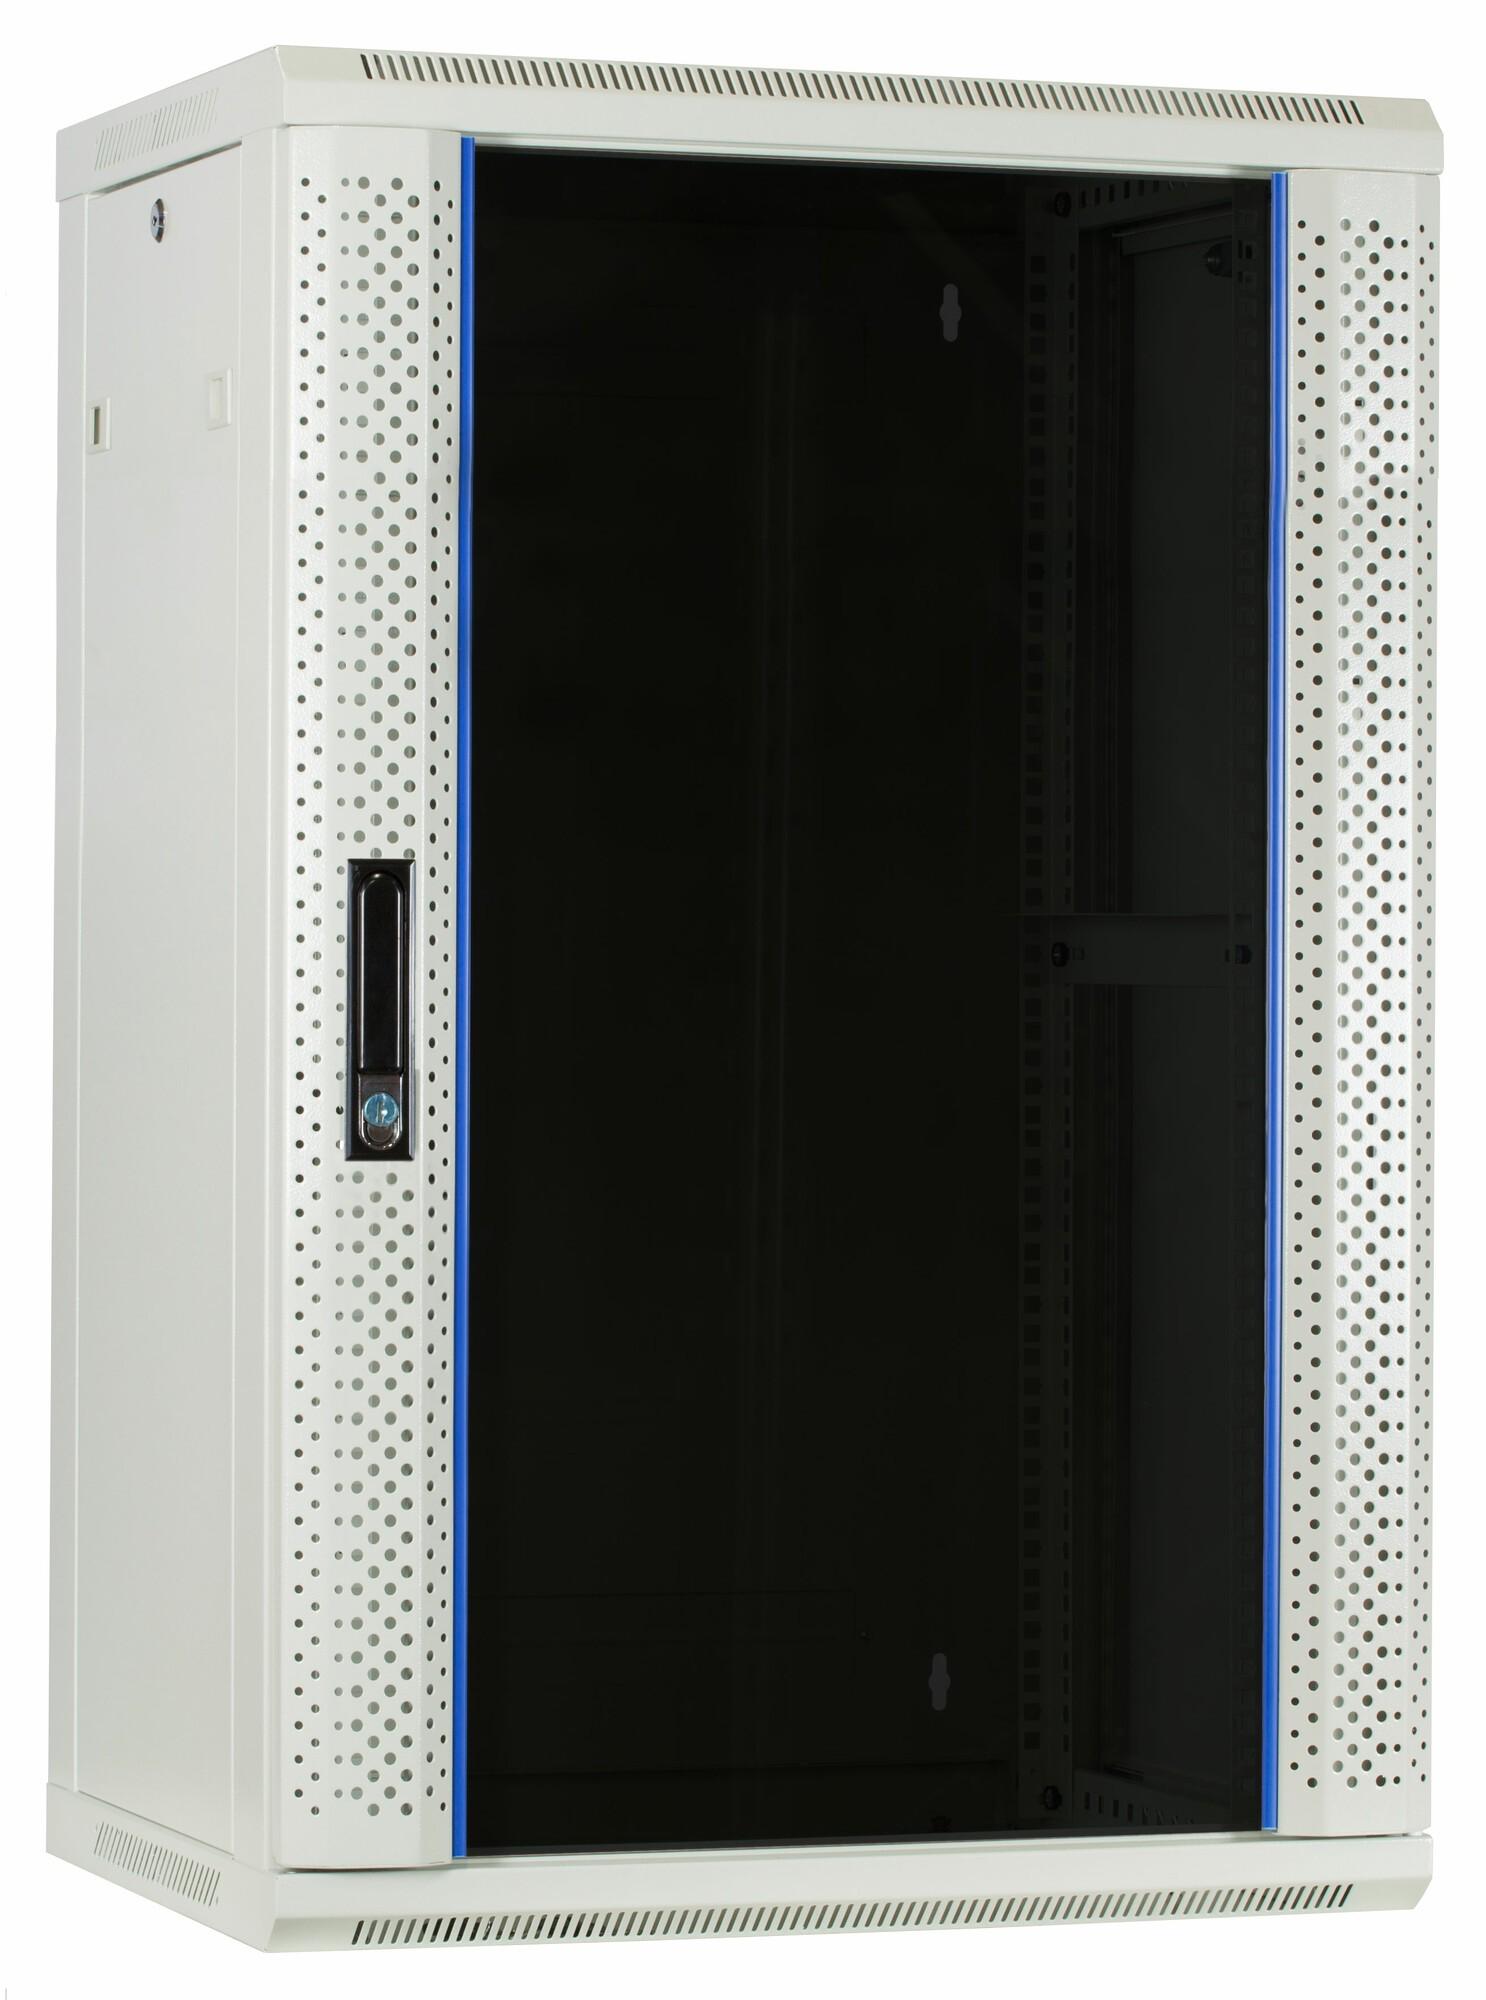 Afbeelding van 18 HE Serverschrank, Wandgehäuse, mit Glastür, Weiß, (BxTxH) 600 x 450 x 900mm